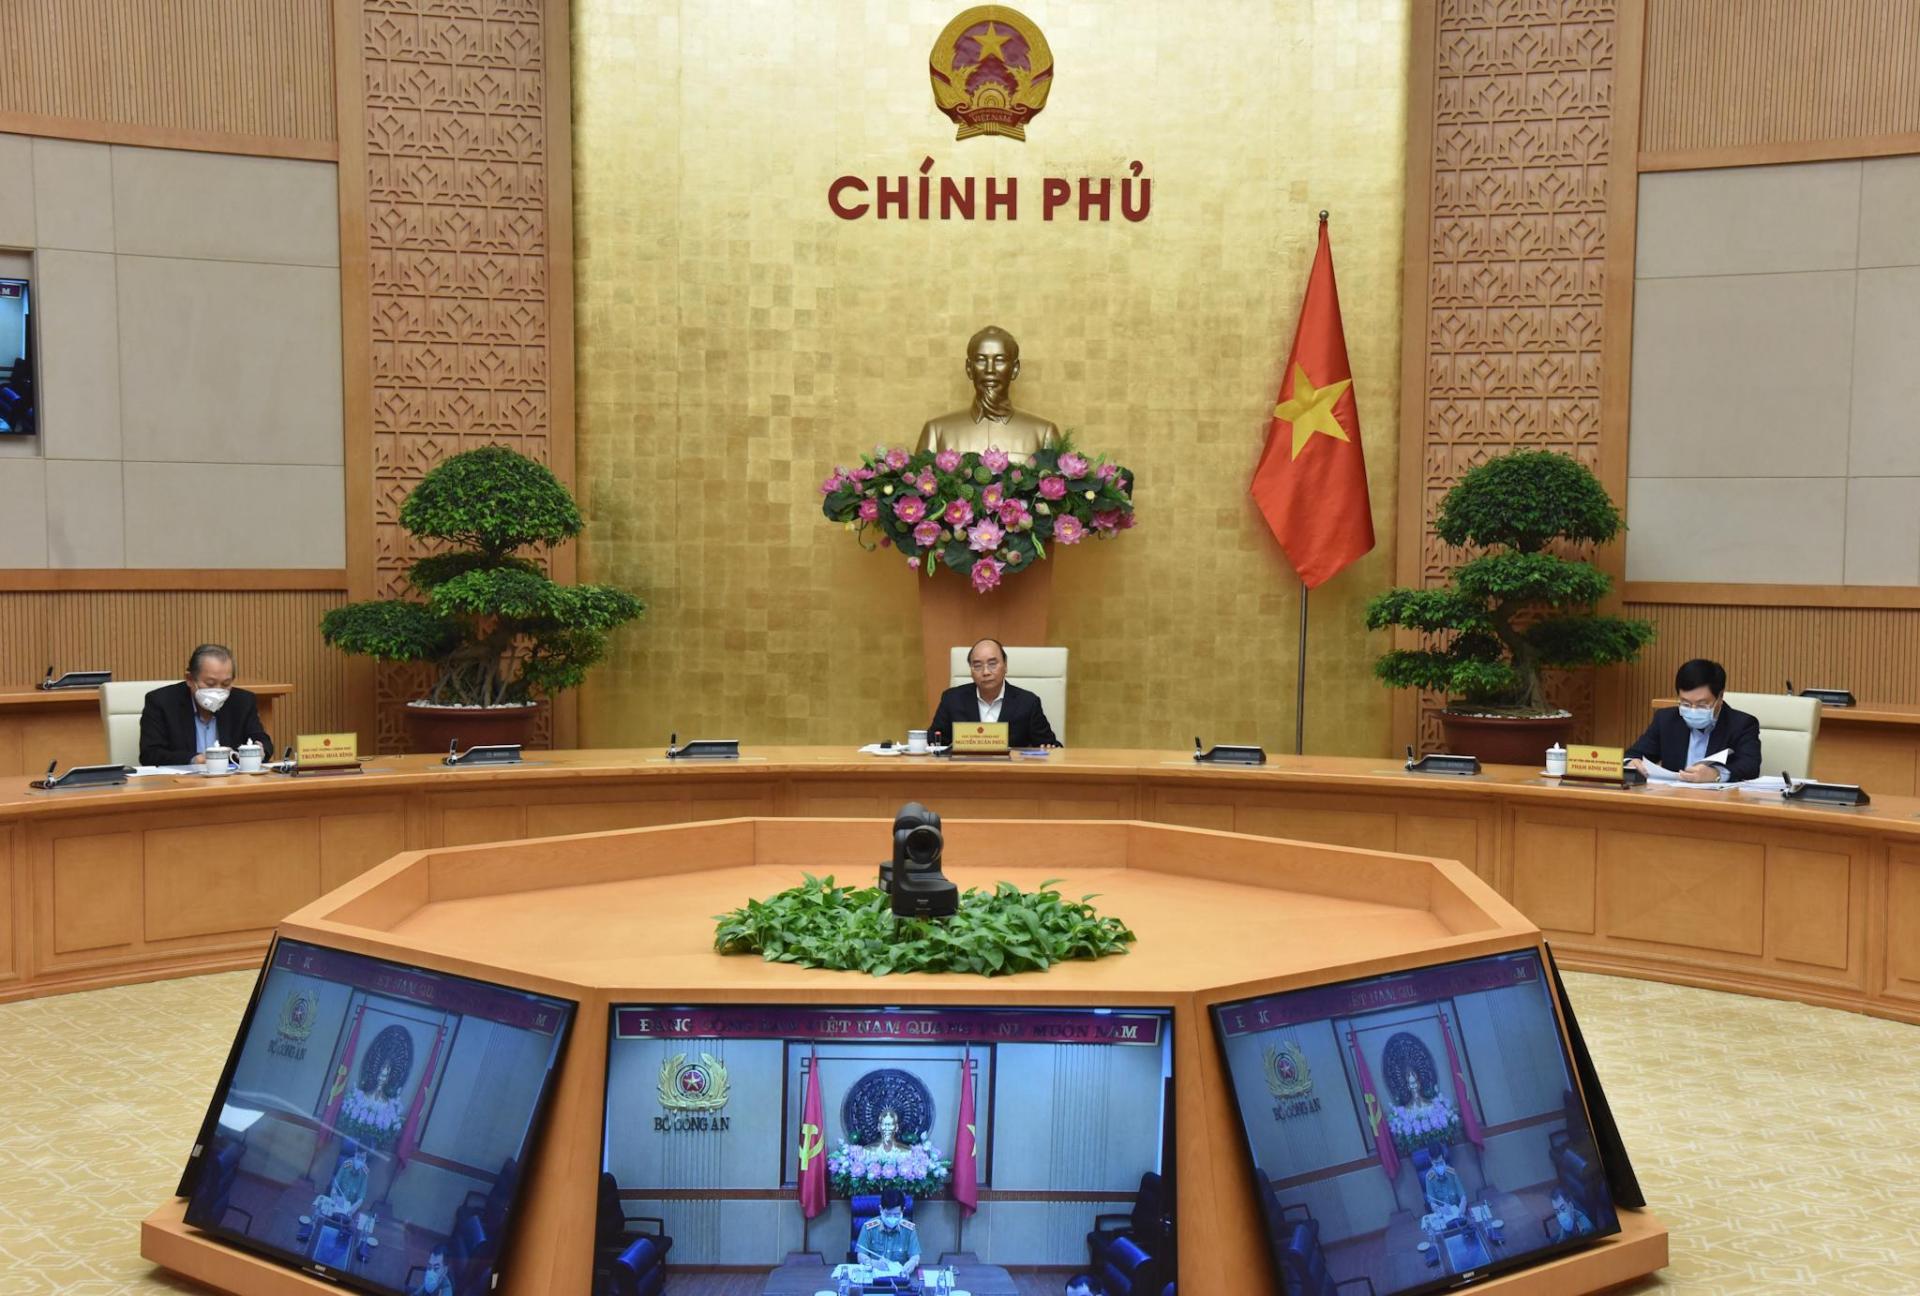 Thủ tướng Chính phủ Nguyễn Xuân Phúc chủ trì phiên họp Thường trực Chính phủ.